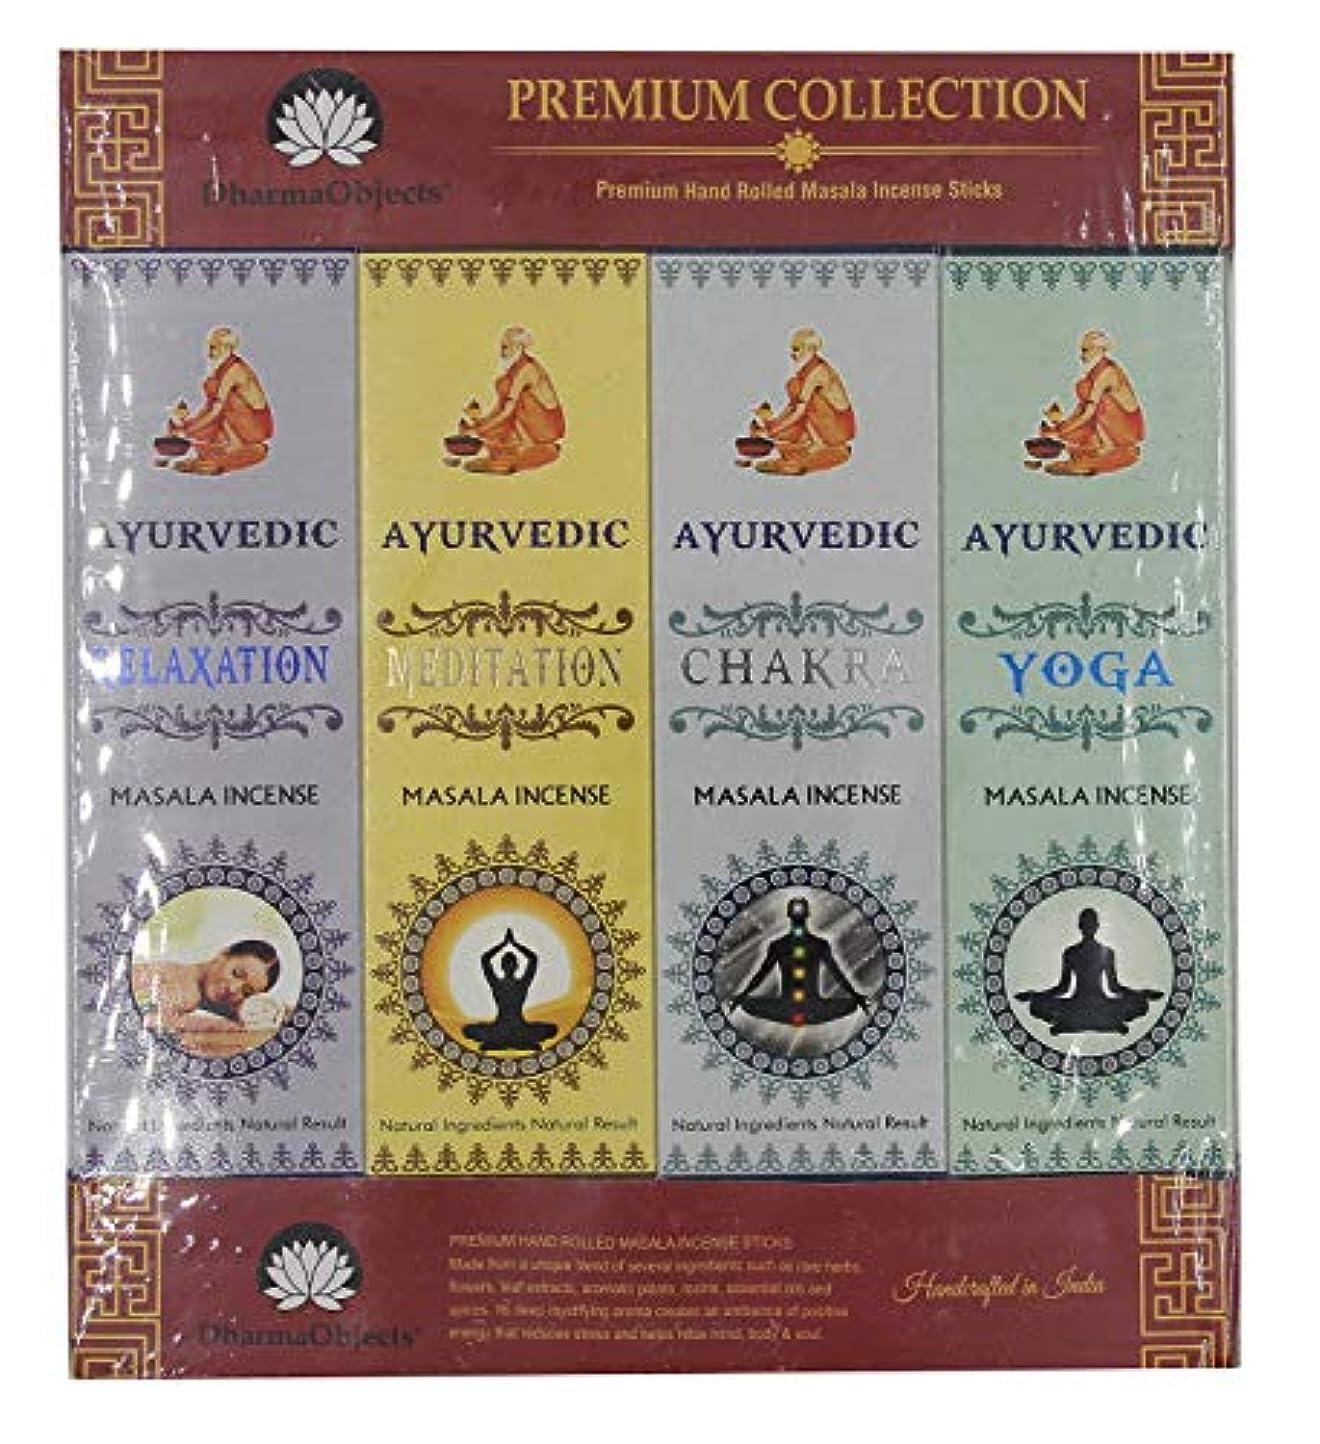 シード潤滑する安心(Multi) - Gift Set of 12 Ayurvedic Nag Champa Kasturi Chandan Patchouli Agarwood Meditation Rose Stress Relief...